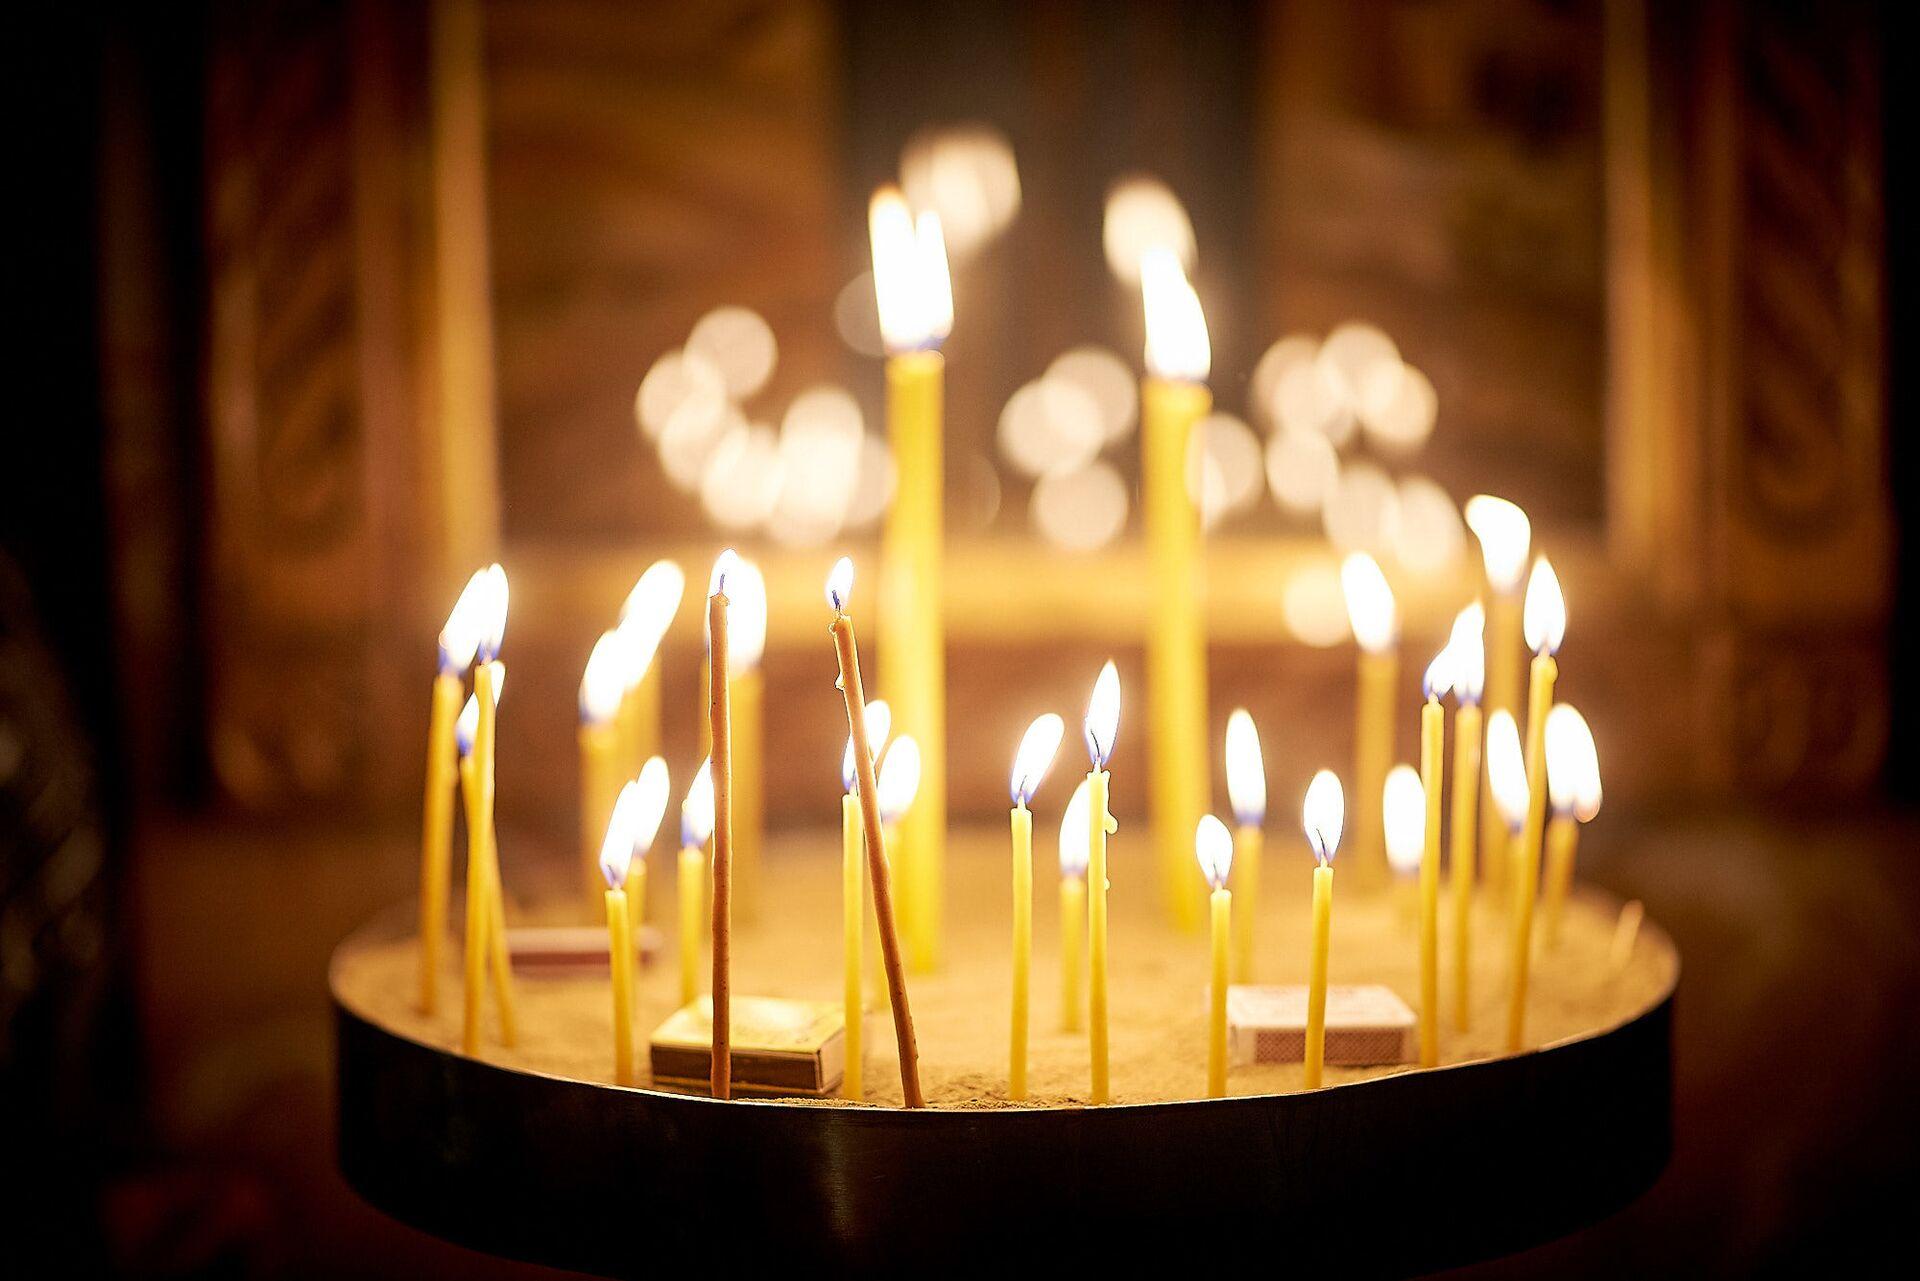 Свечи в церкви. Пасхальная служба в храме 13 святых ассирийских отцов в селе Канда - Sputnik Грузия, 1920, 13.10.2021